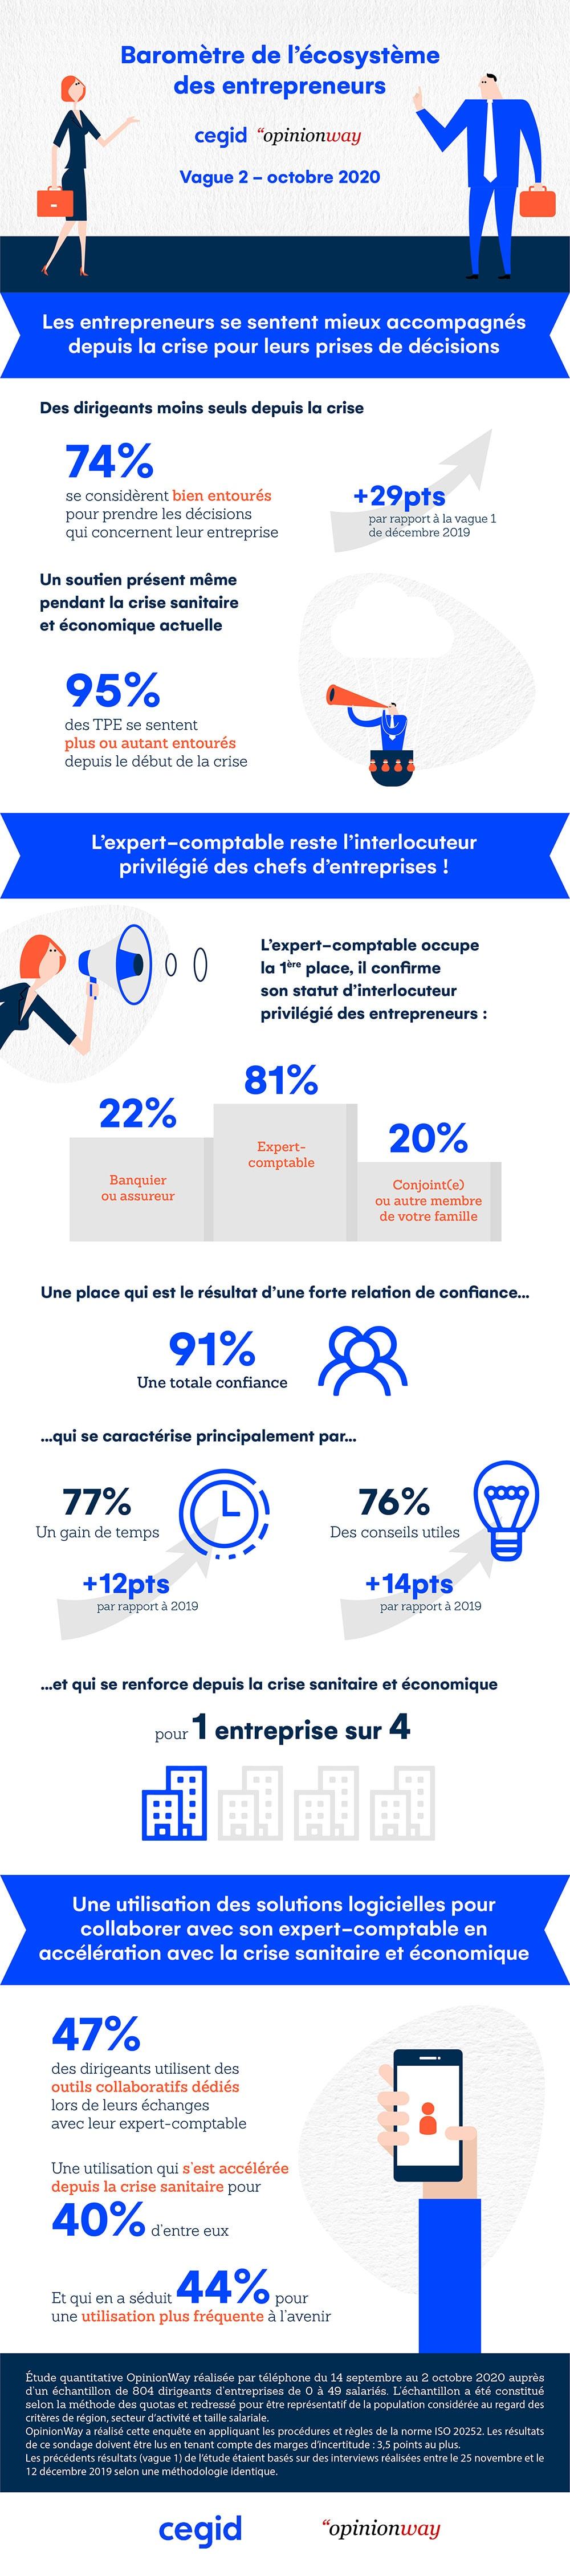 Baromètre des entrepreneurs octobre 2020 Cegid OpinionWay